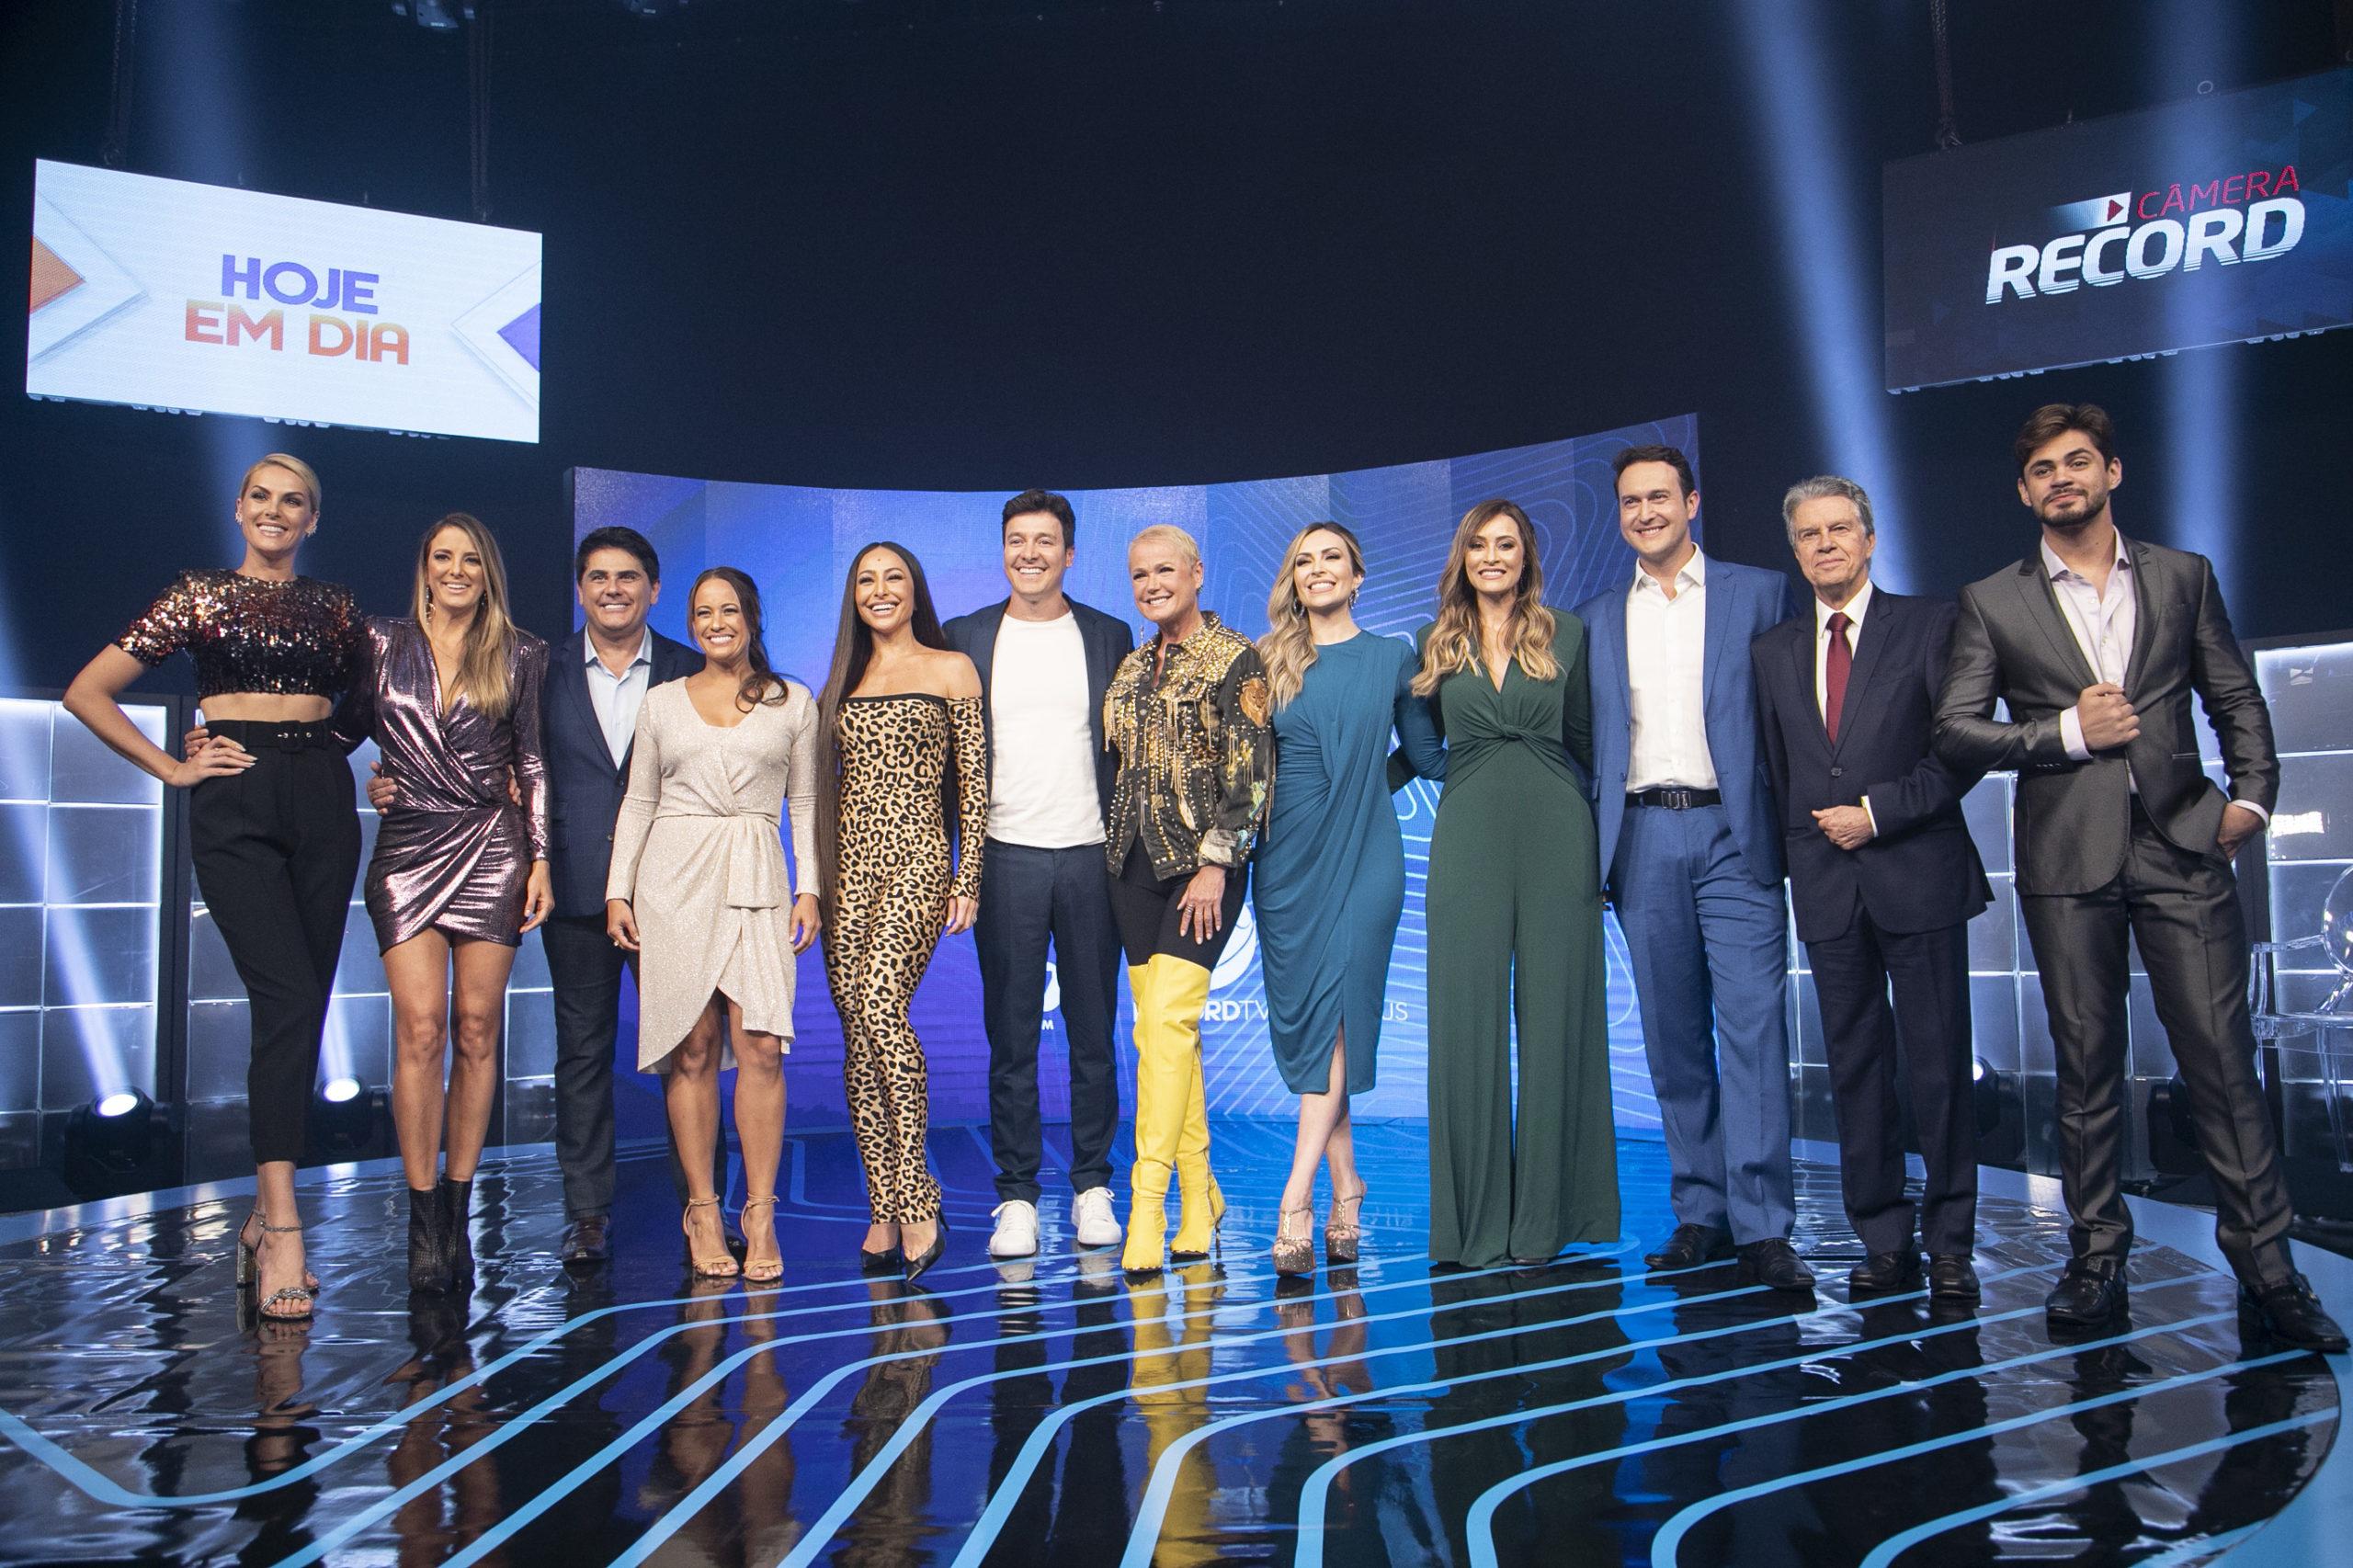 Record TV apresenta nova programação dos domingos